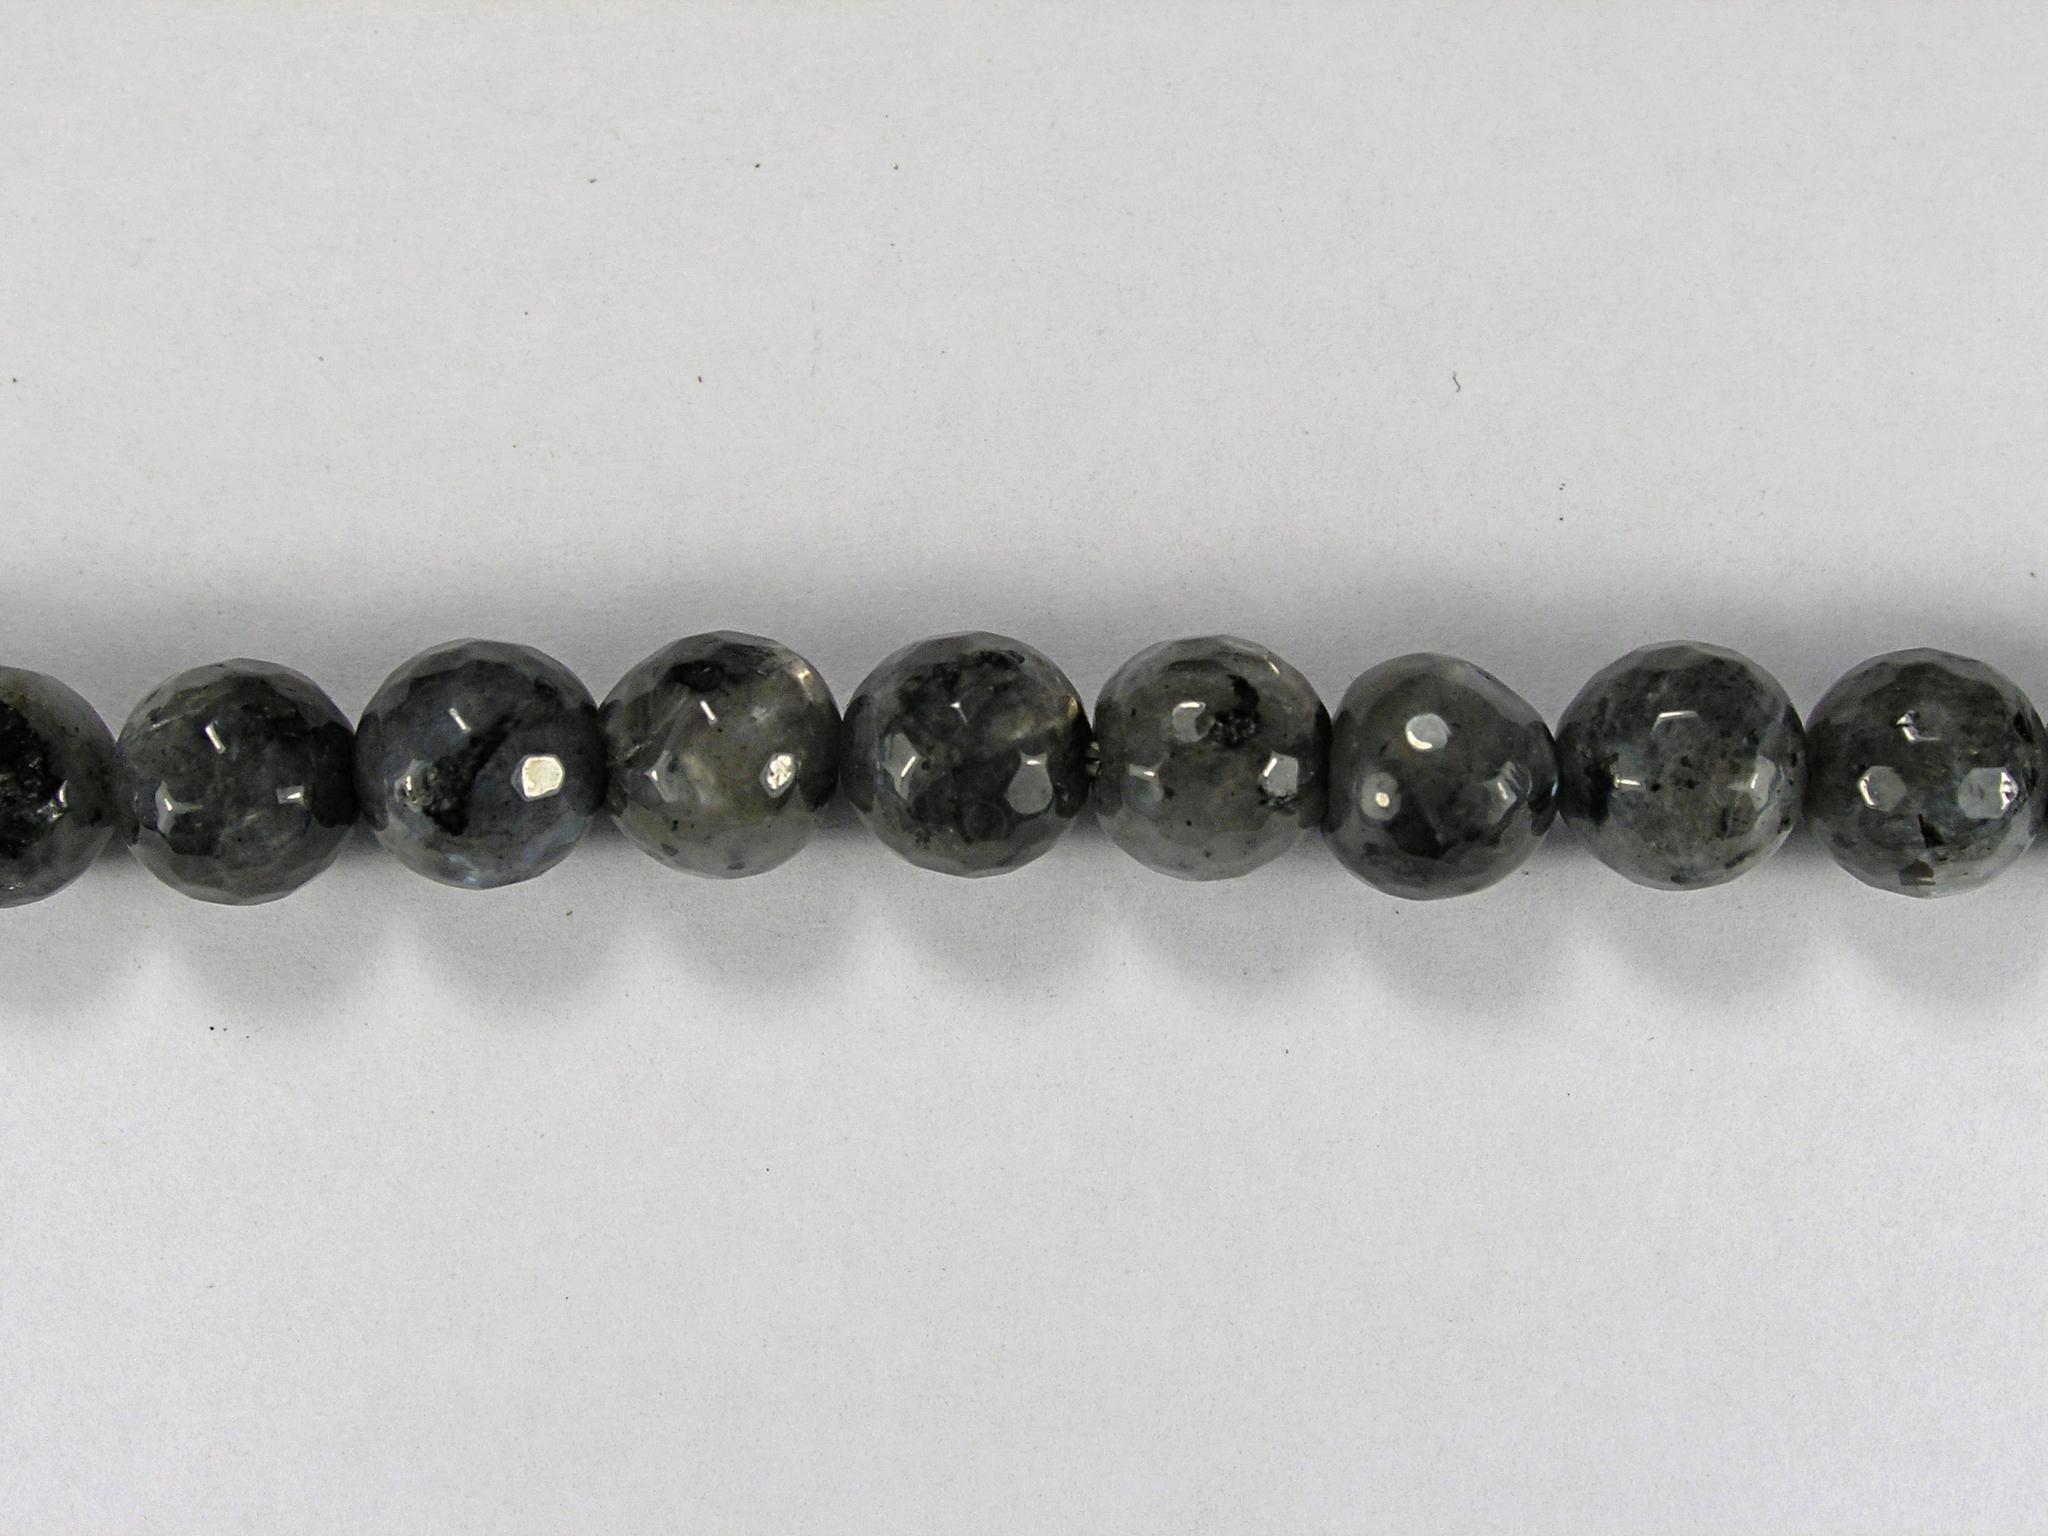 Бусина из лабрадора черного, фигурная, 8 мм (шар, граненая)